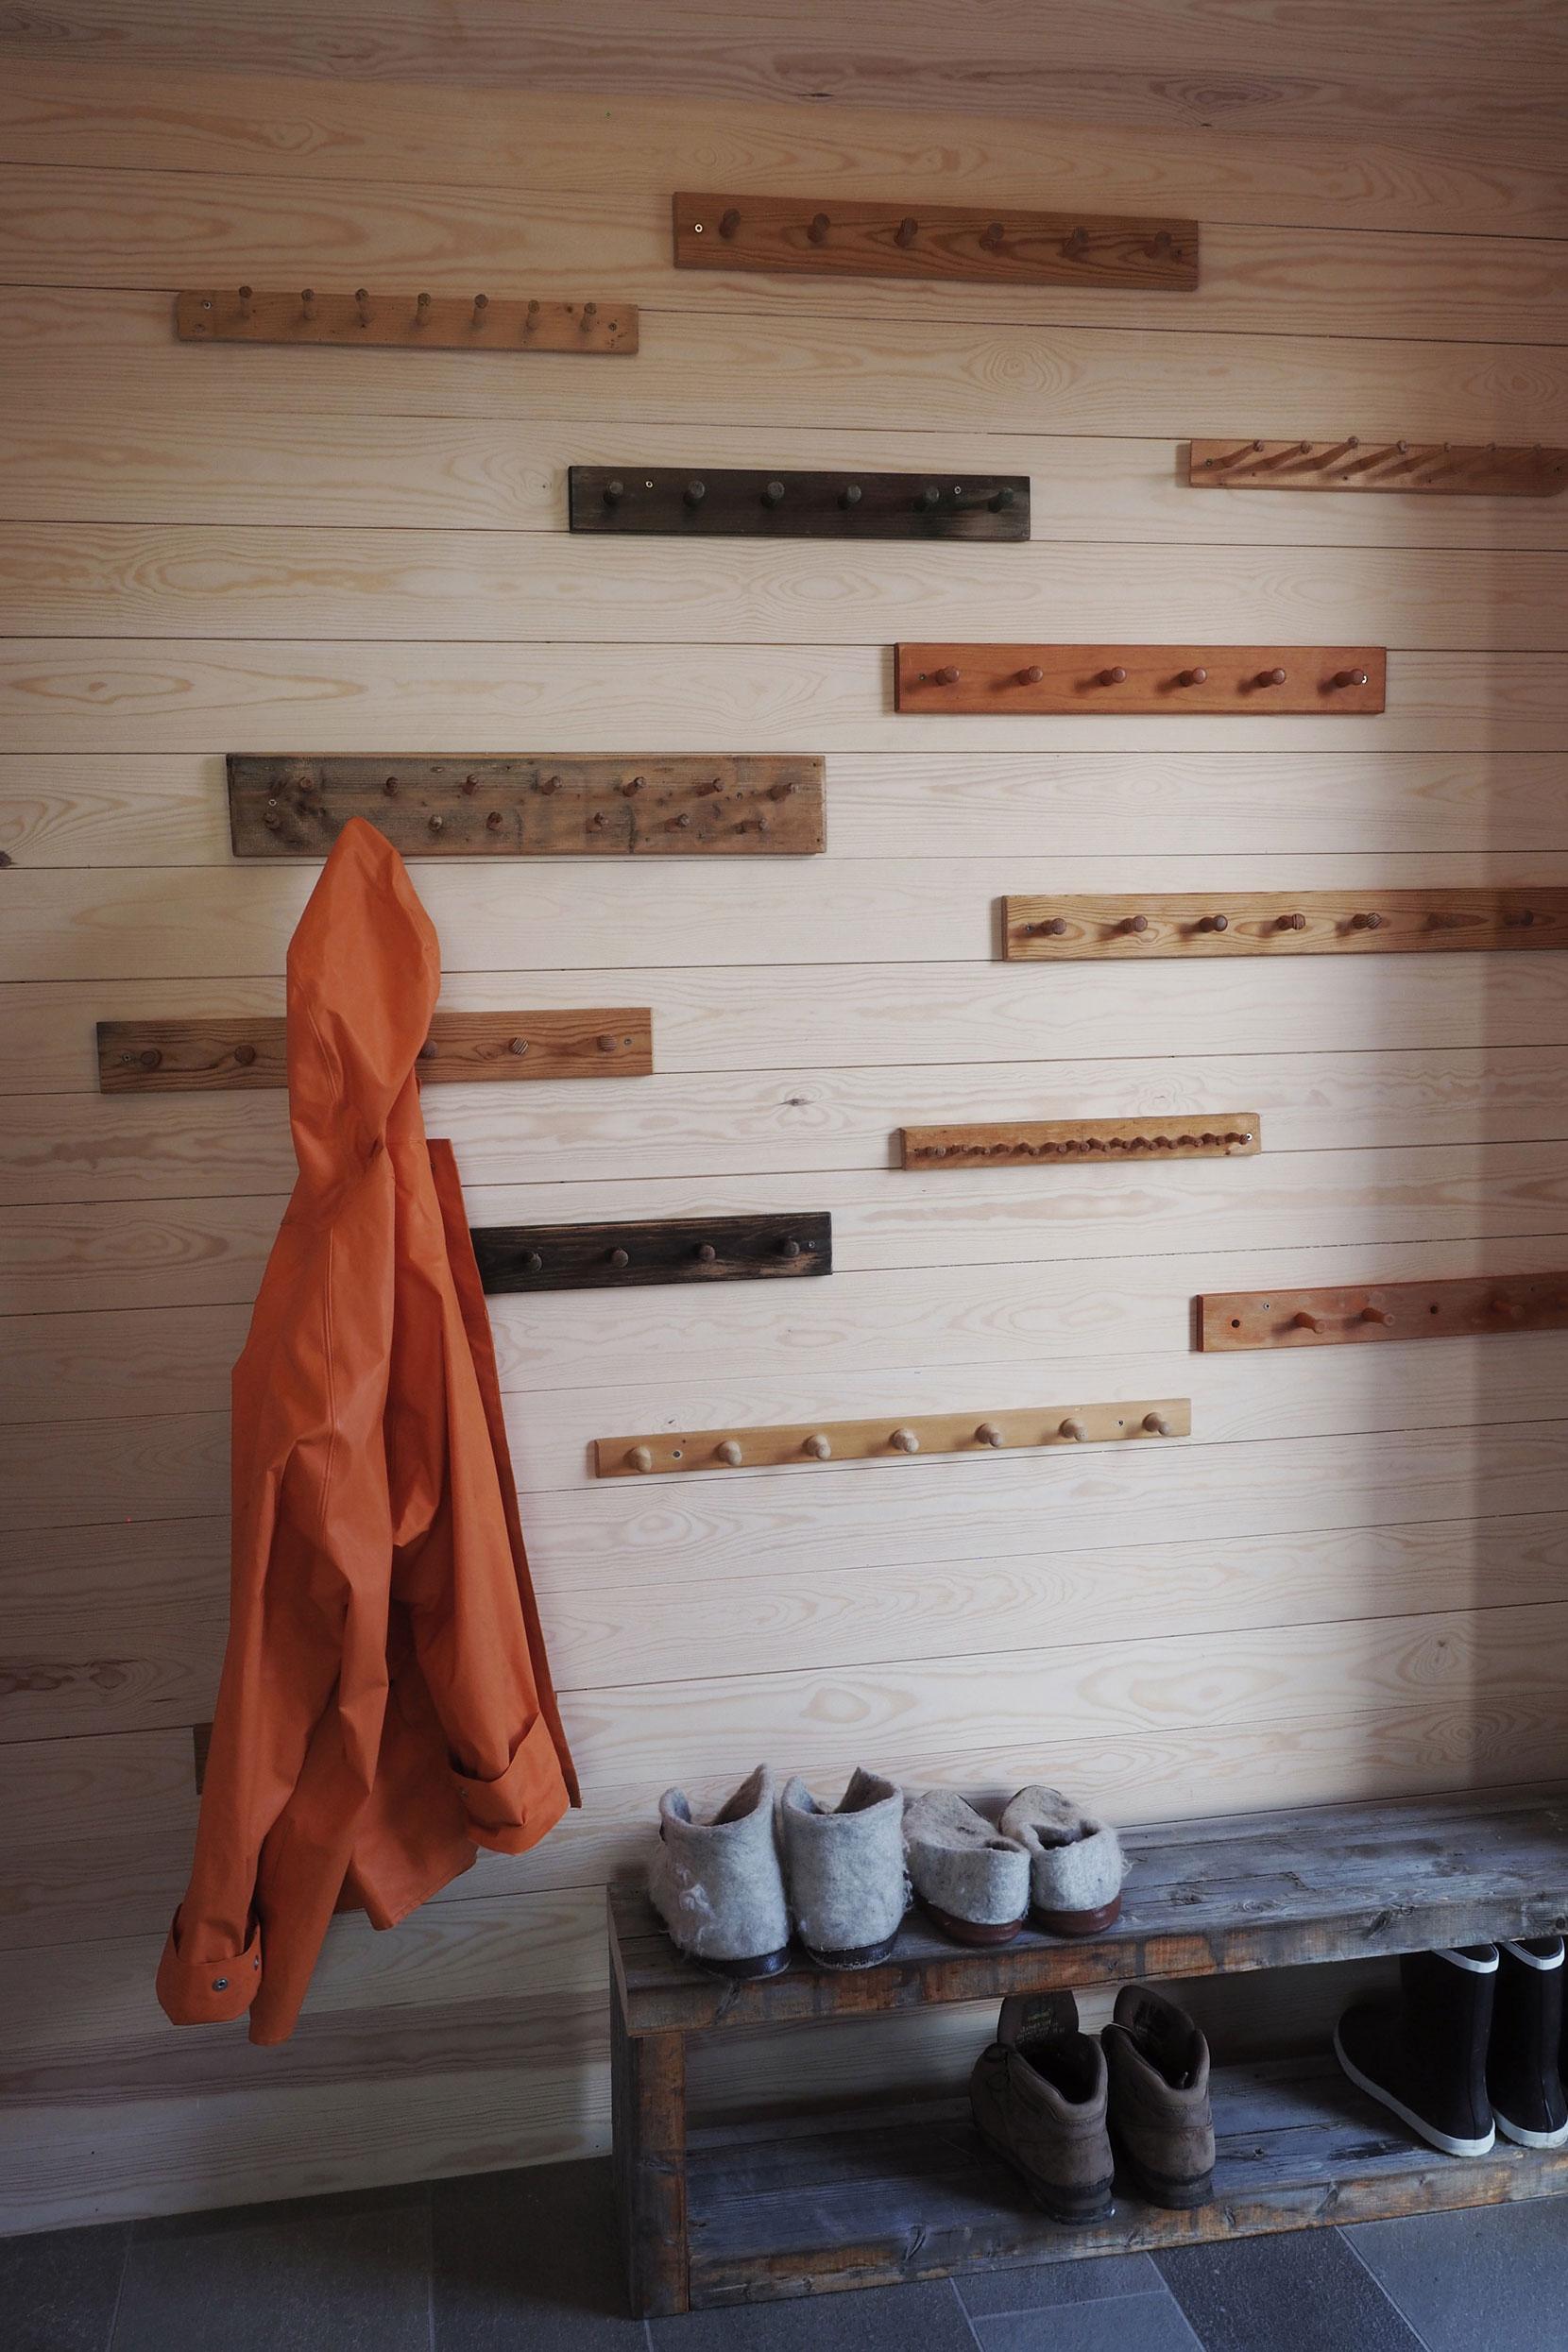 cabin-jon-danielsen-aarhus-architecture-residential-norway_dezeen_2364_col_22